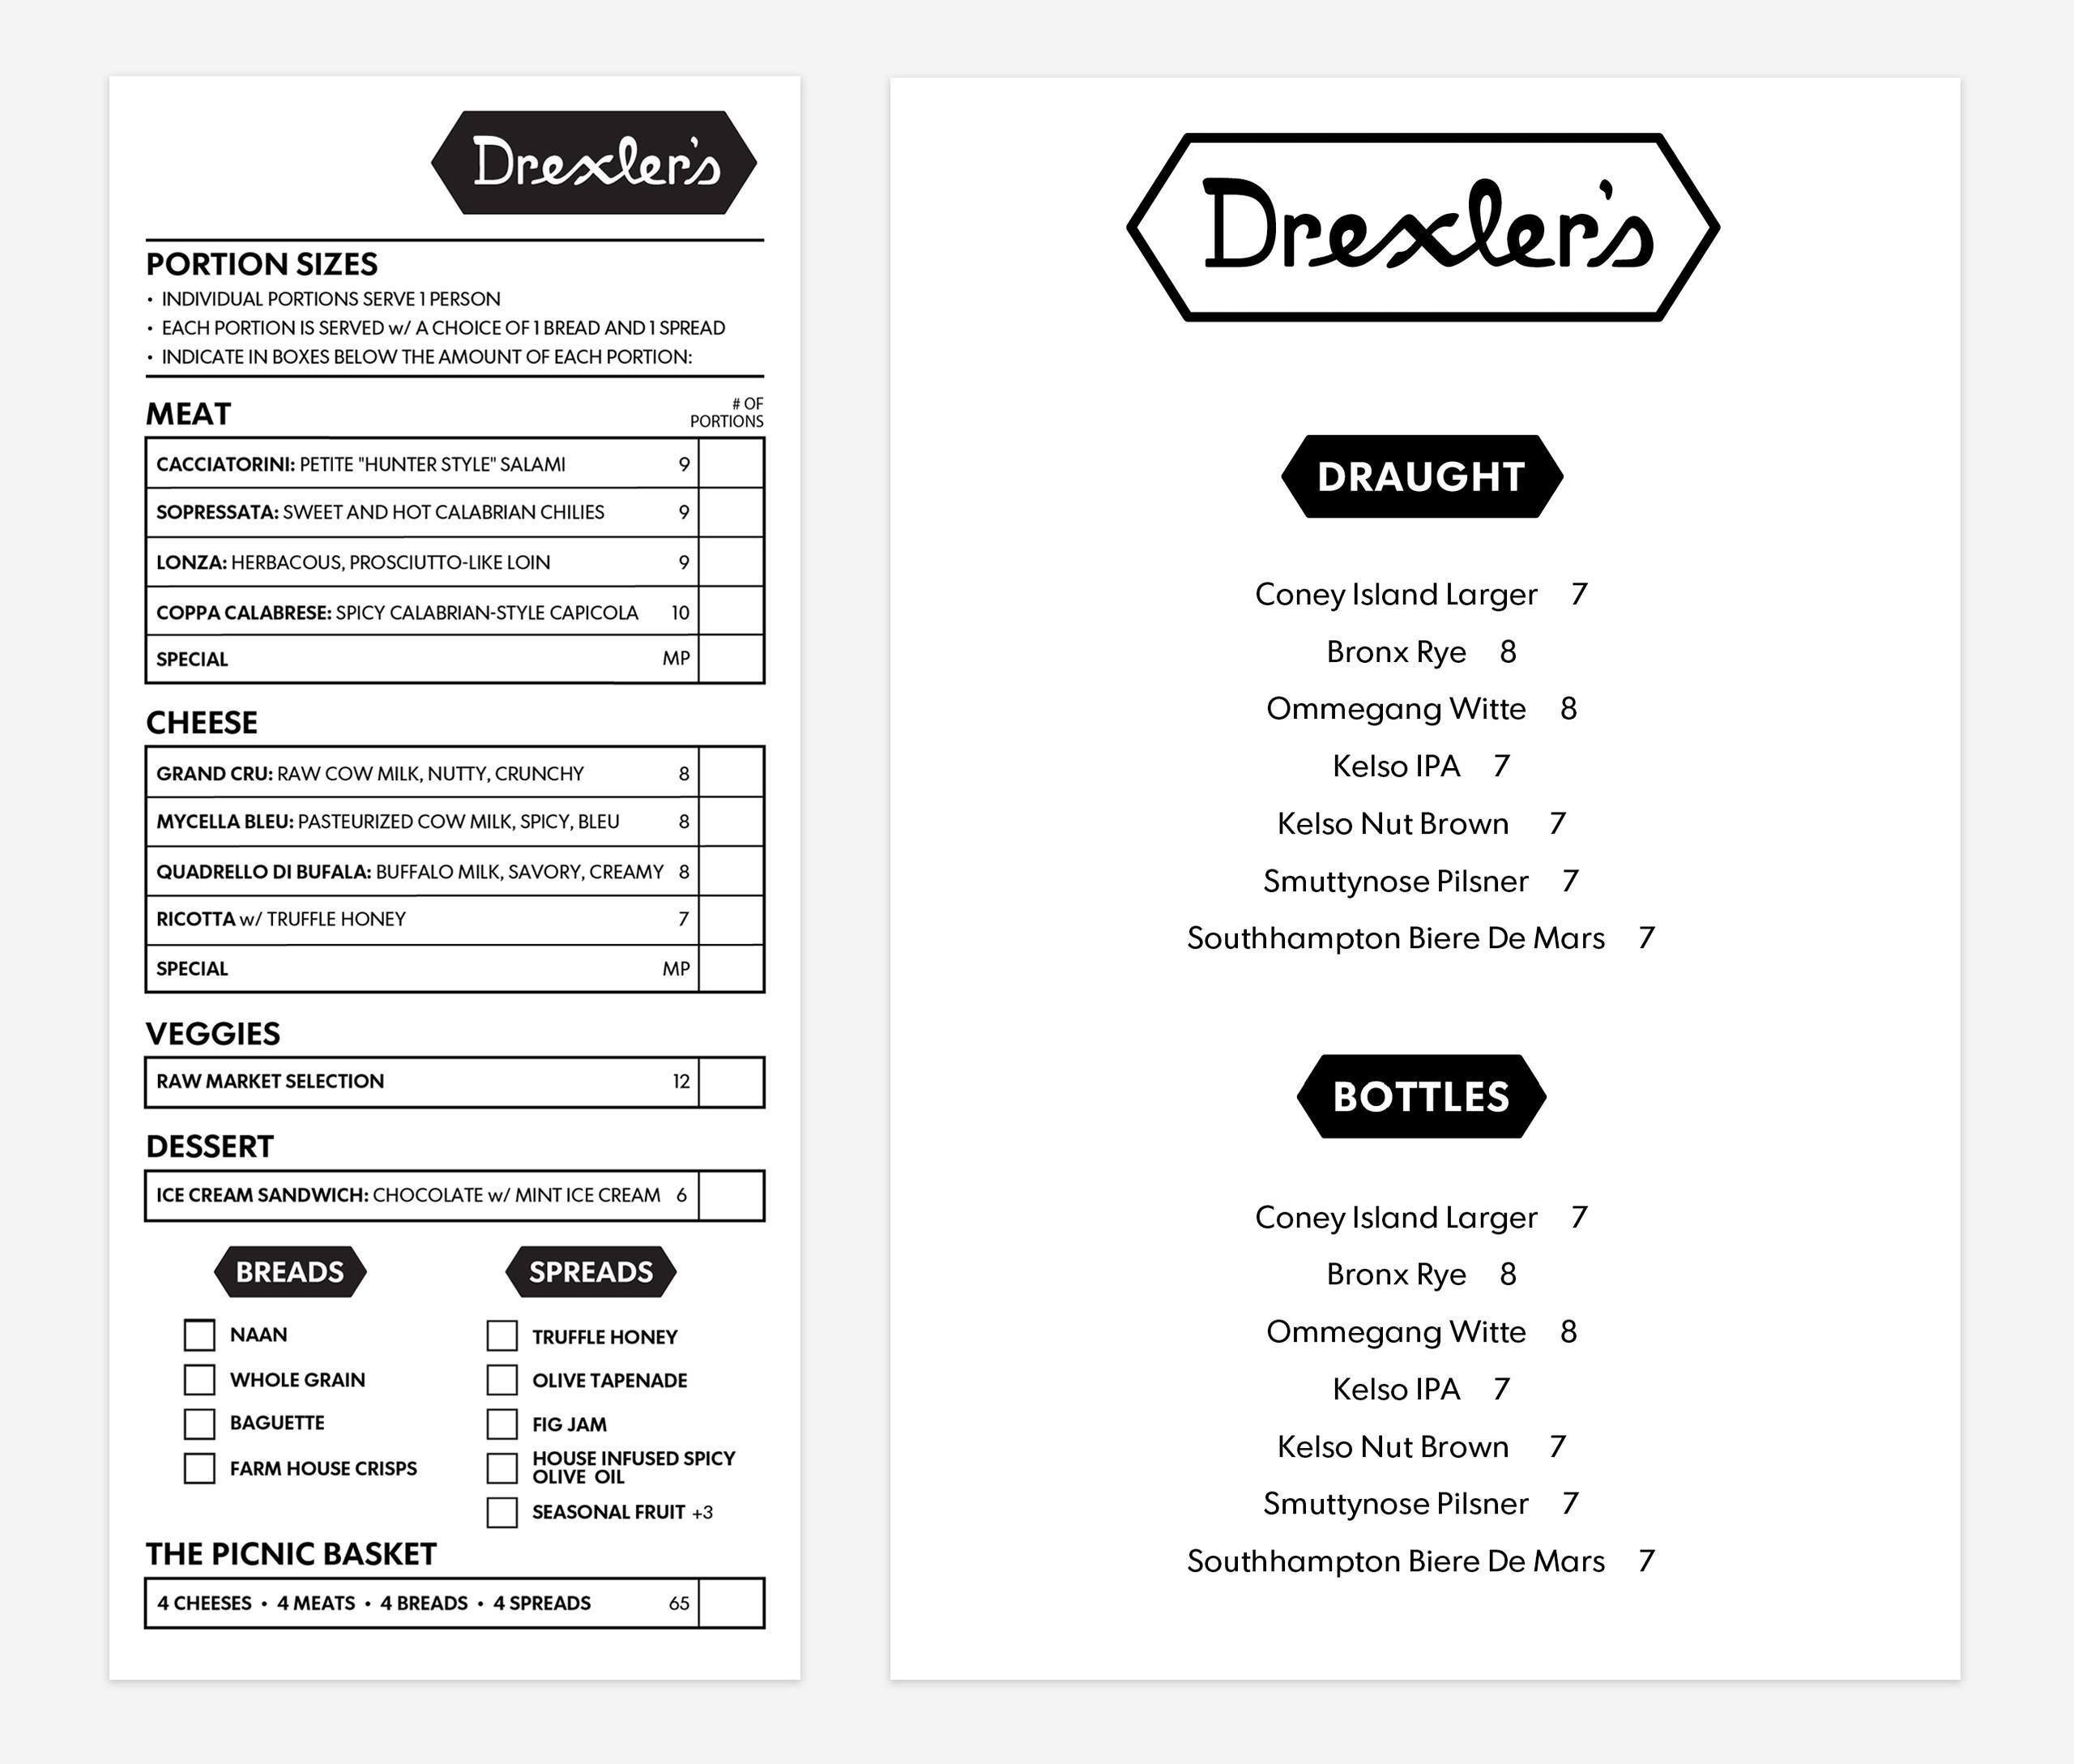 Drexlers_menus